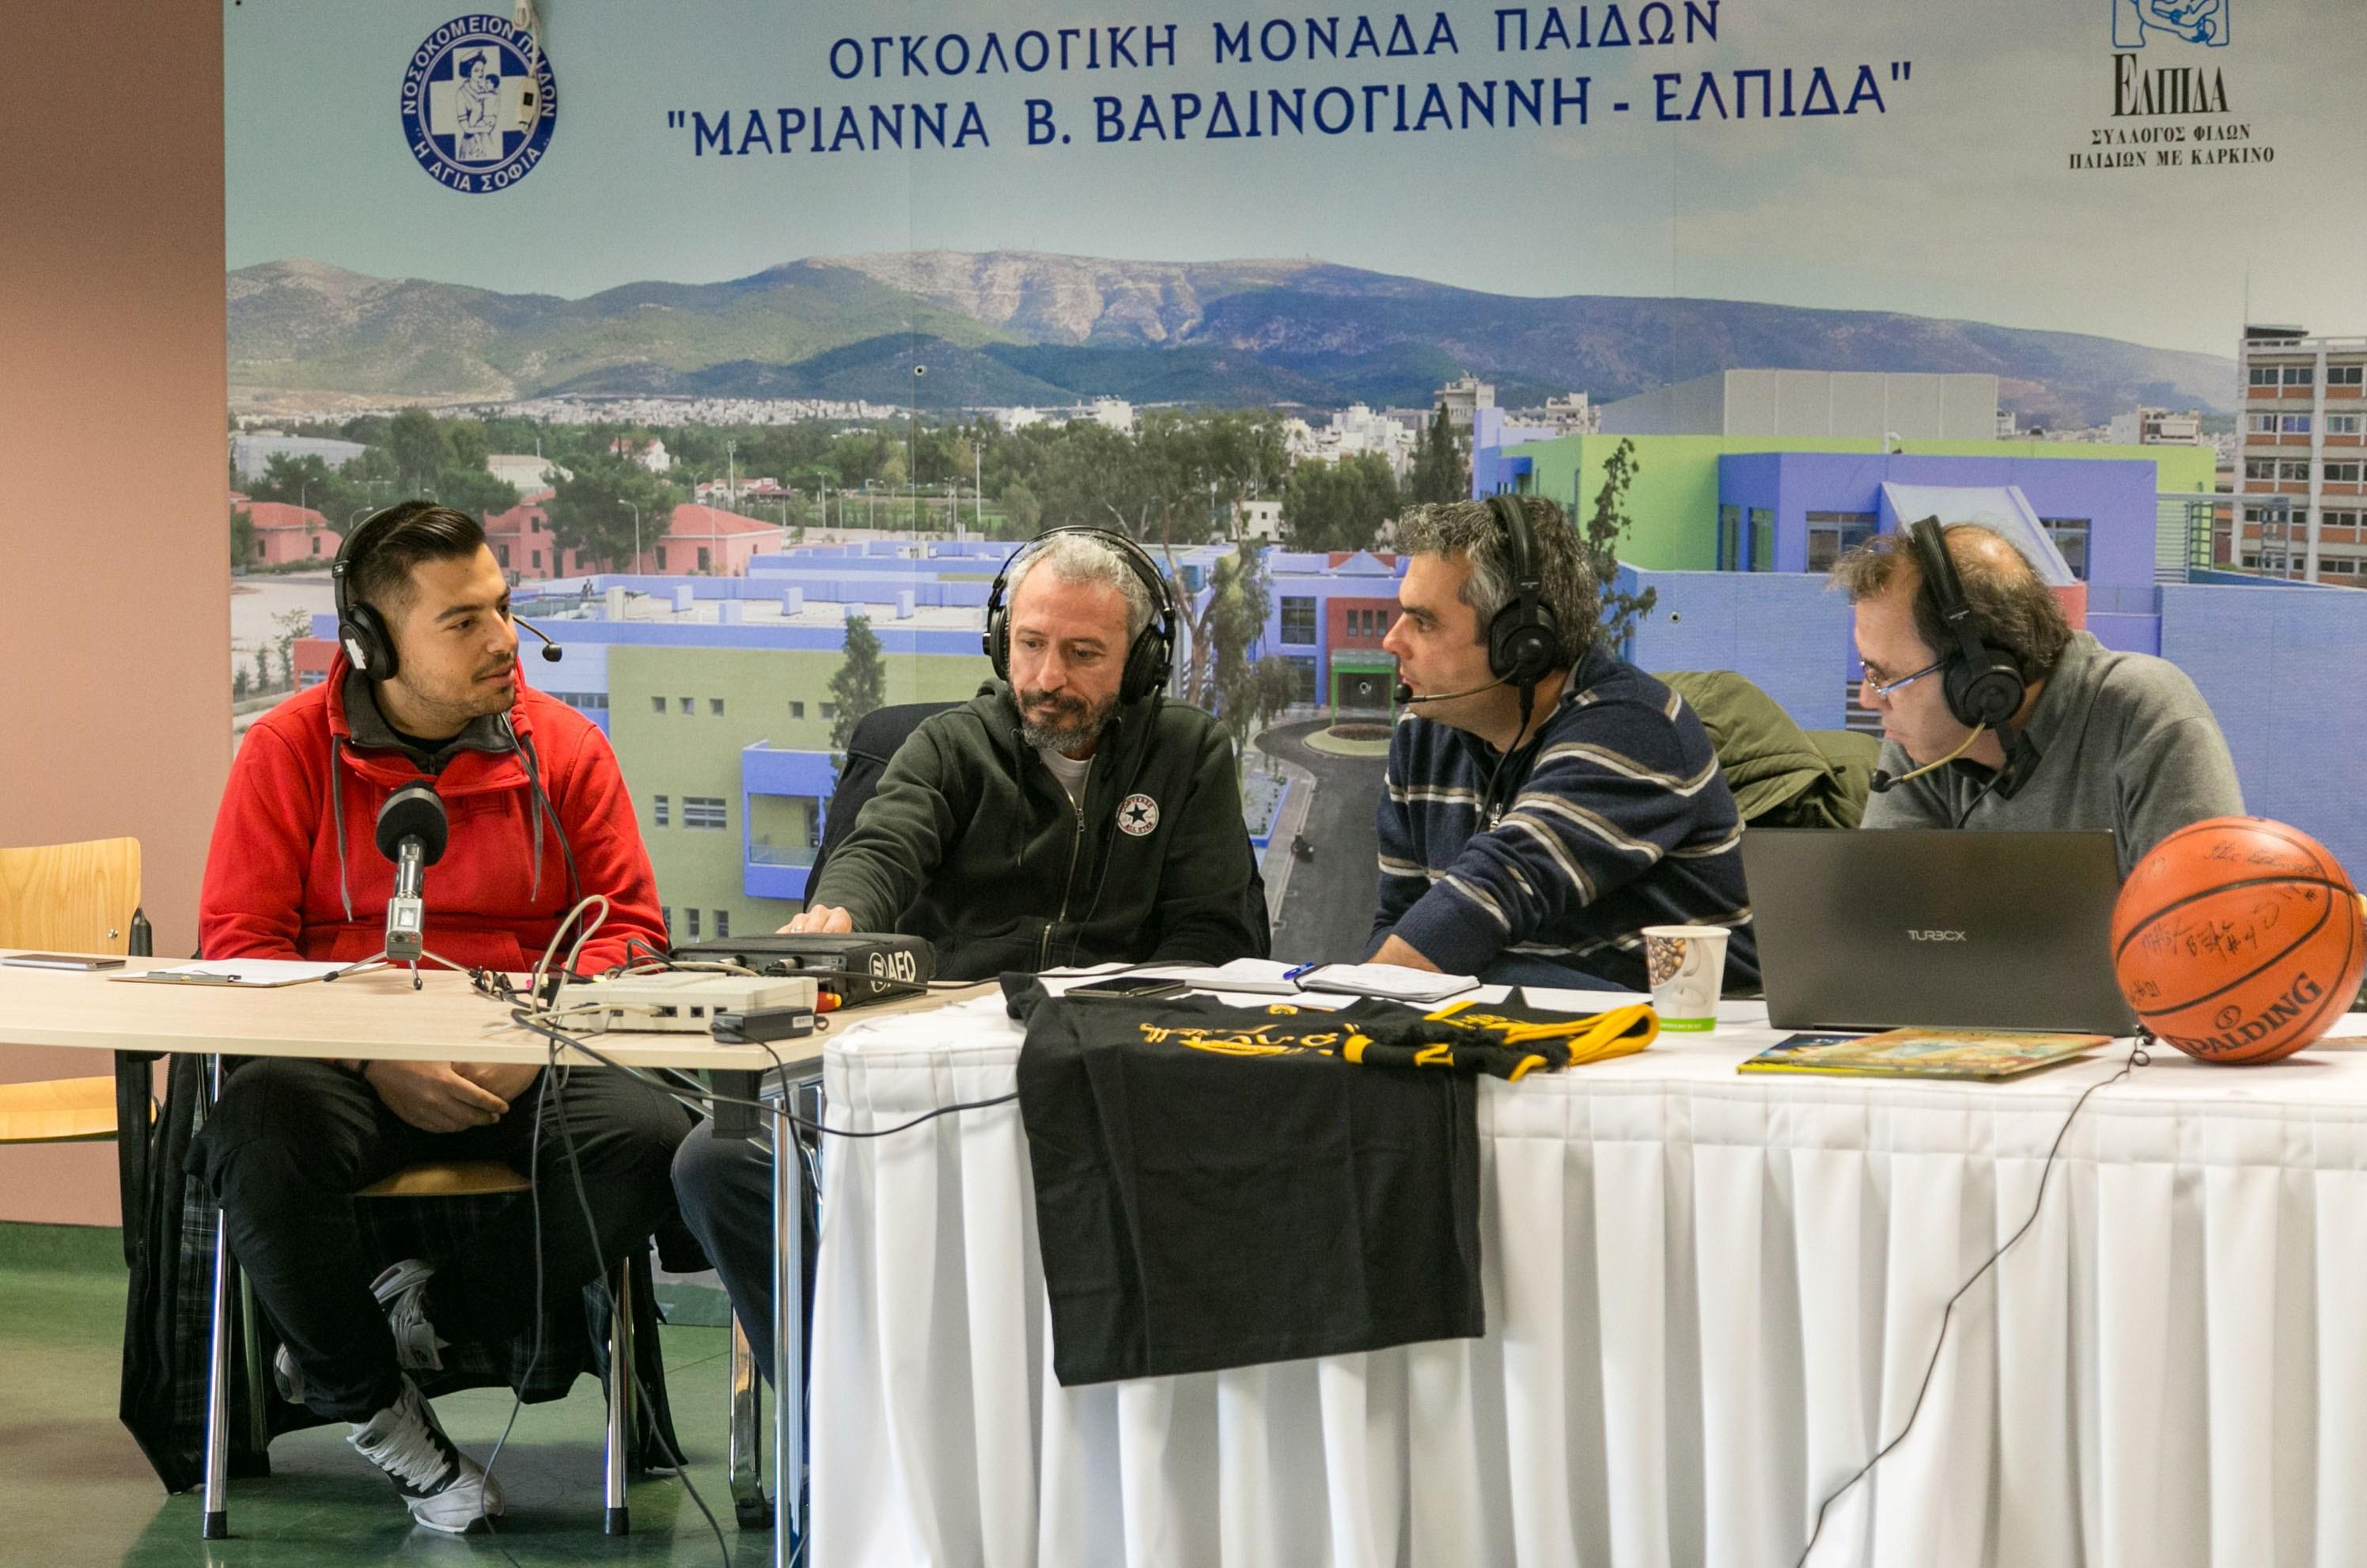 Ο Παναγιώτης Κόκκινος με τους Μπάμπη Παπαζόγλου, Πέτρο Μαυρογιαννίδη και Σάκη Ευθυμιόπουλο